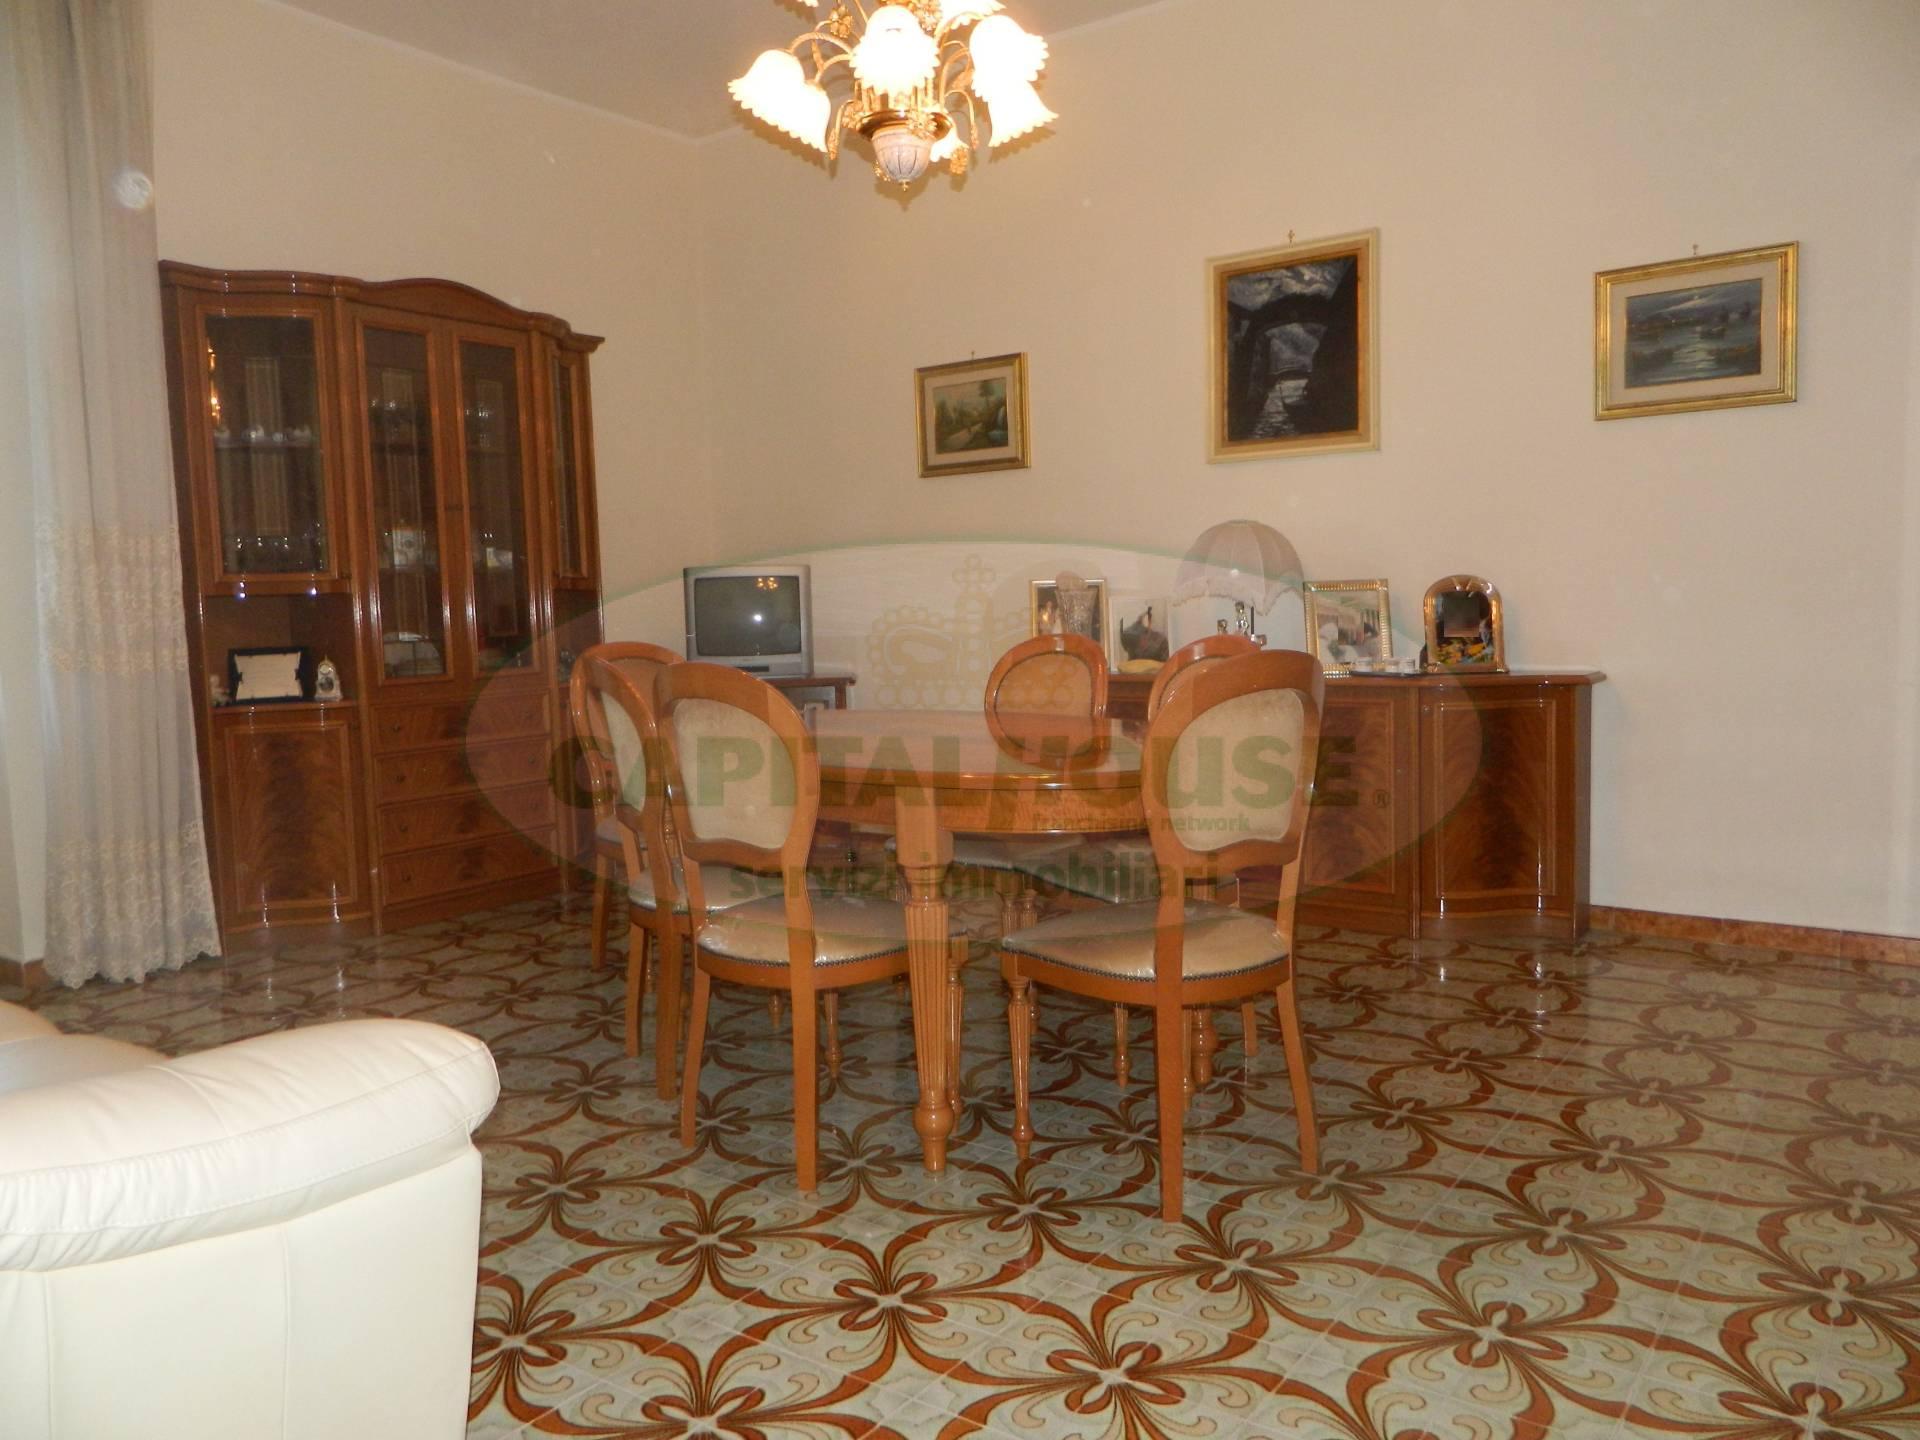 Appartamento in vendita a Afragola, 3 locali, prezzo € 125.000 | CambioCasa.it